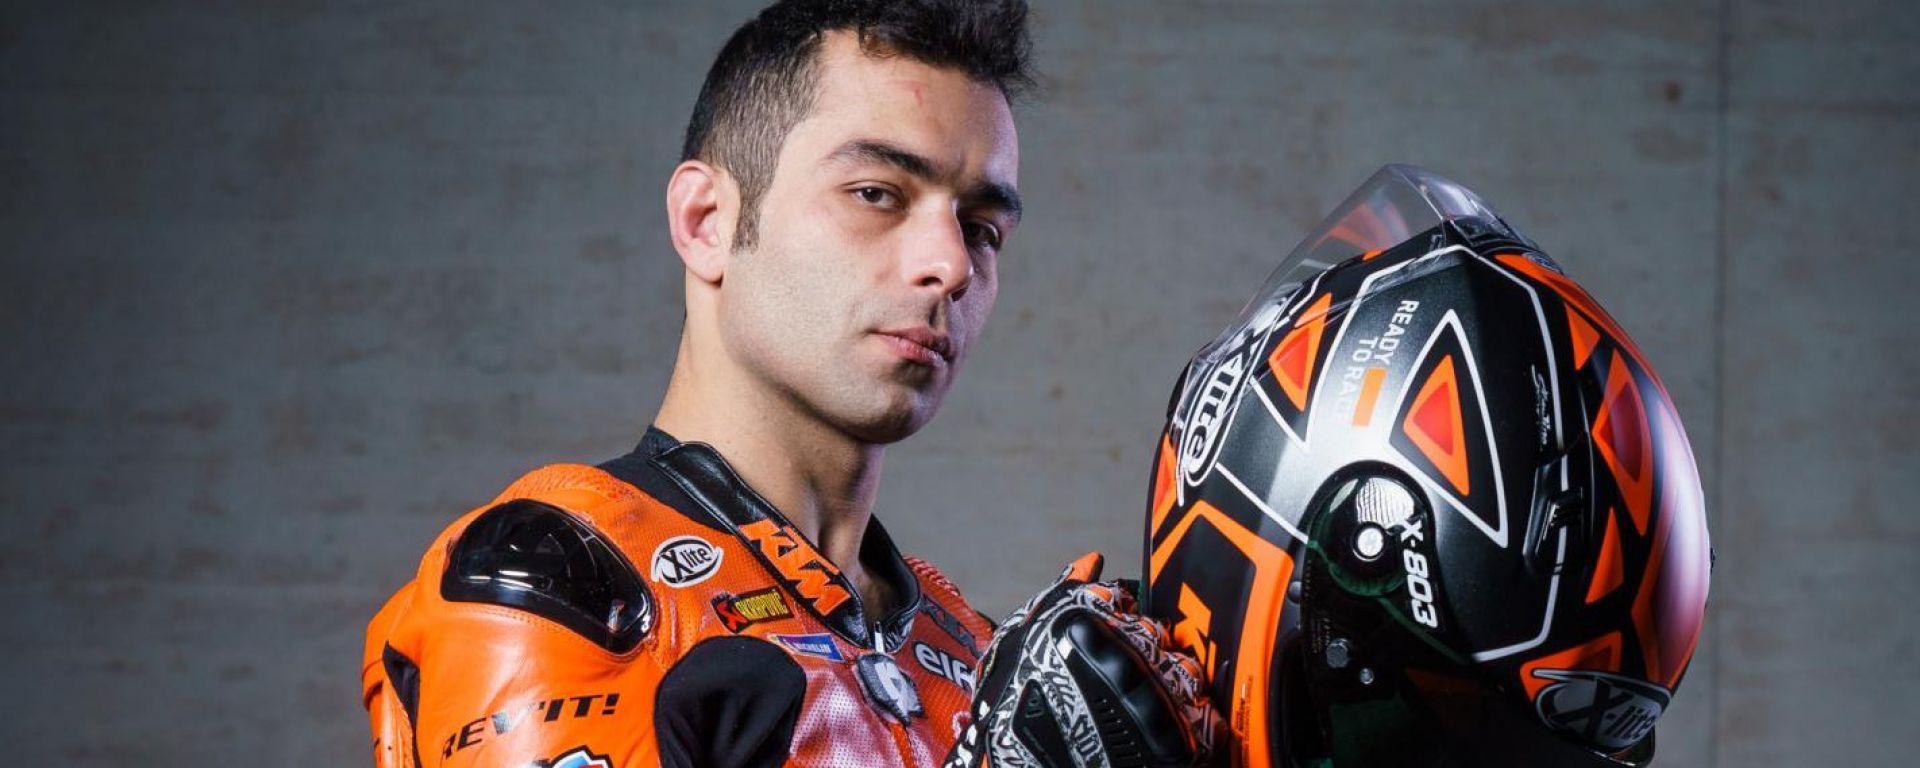 Danilo Petrucci (Red Bull KTM Tech3)